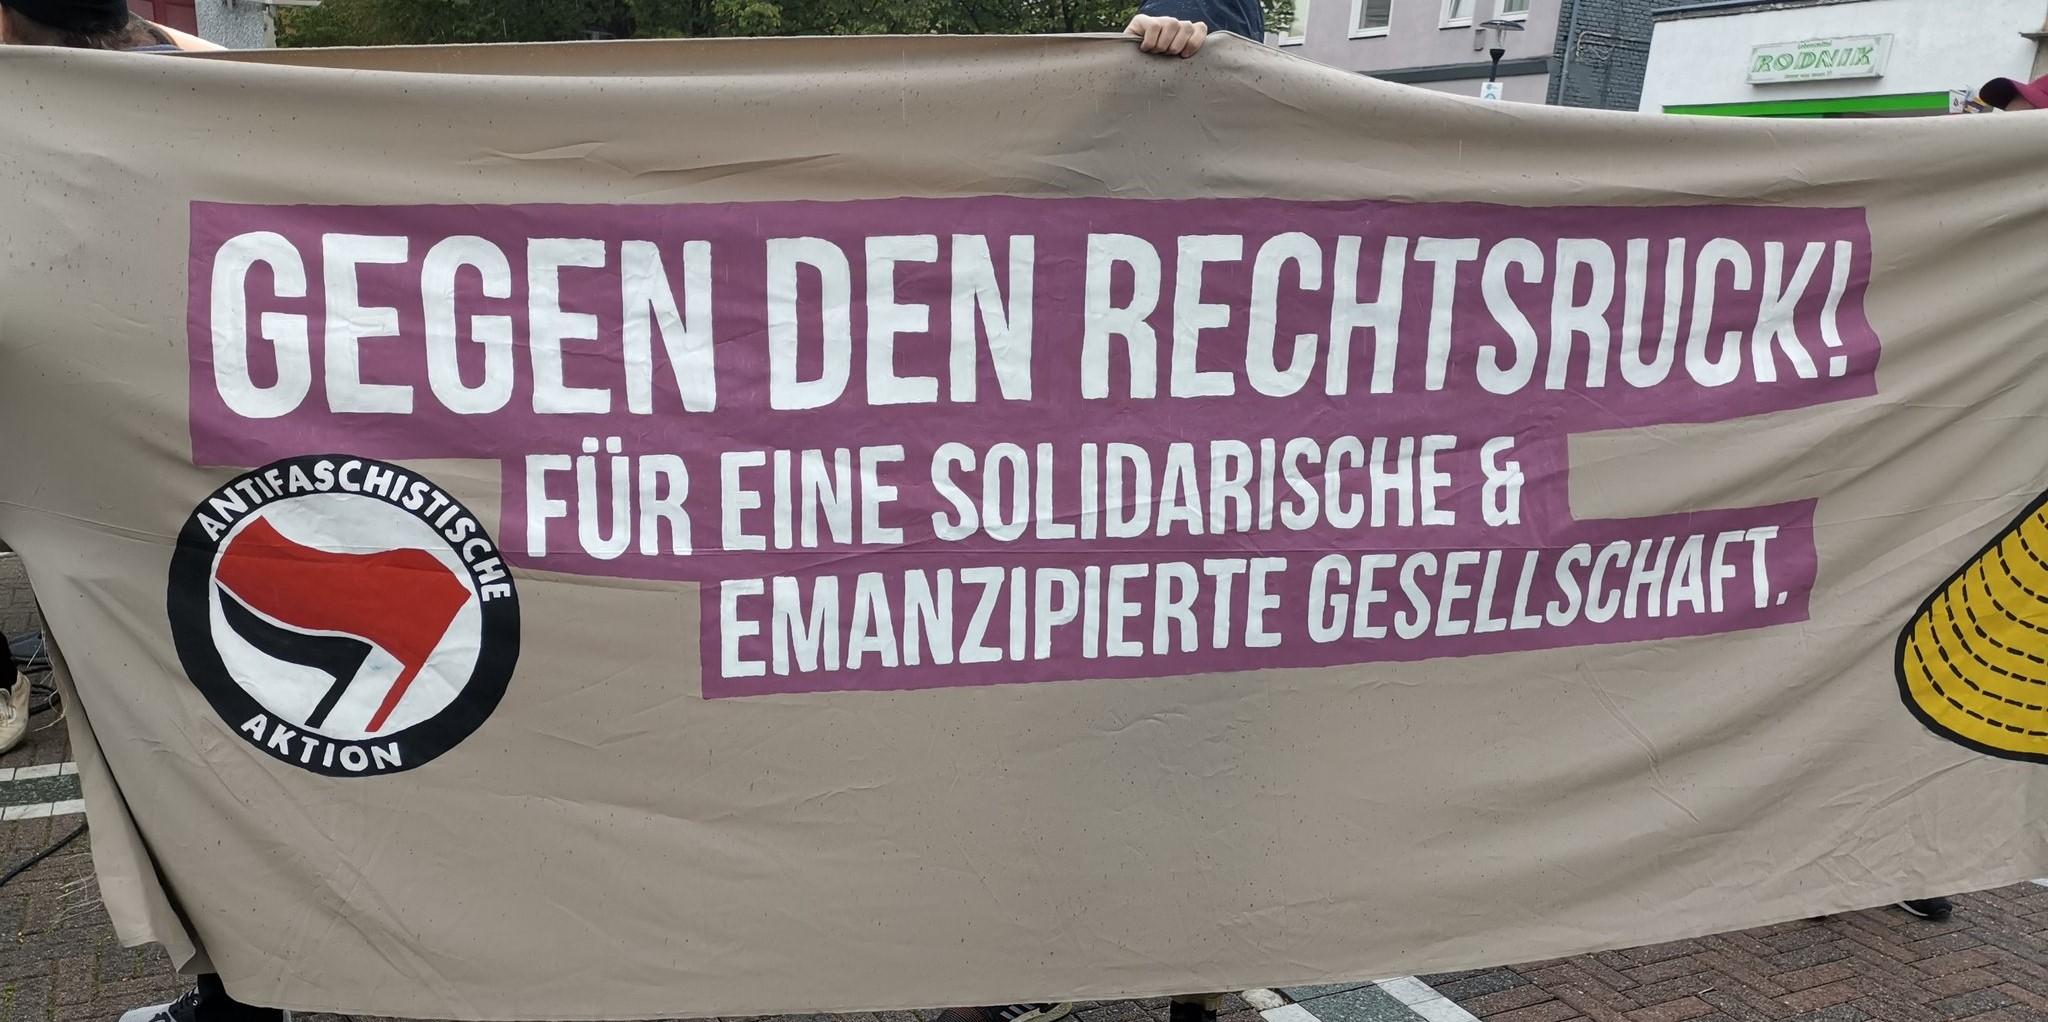 """Transparent mit Aufschrift """"Gegen den Rechtsruck! Für eine solidarische & emanzipierte Gesellschaft"""""""